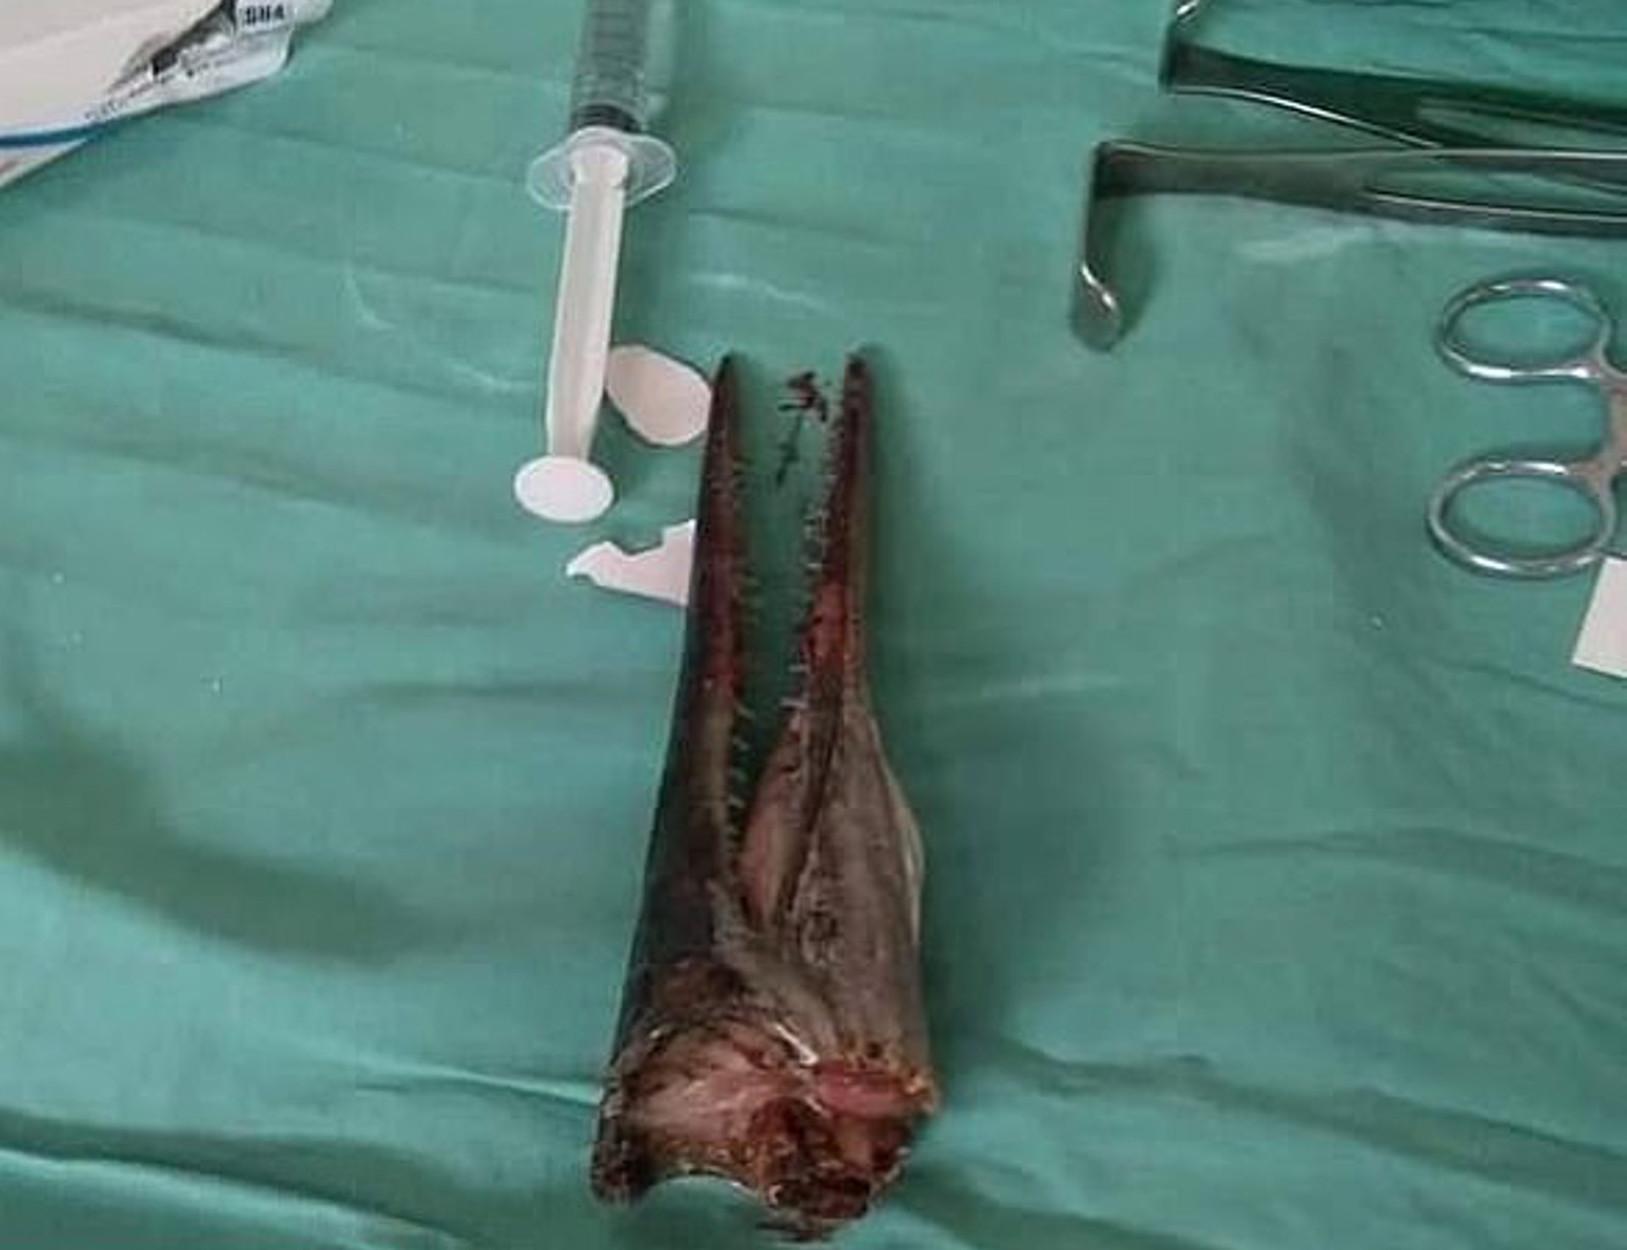 Ψάρι κάρφωσε 16χρονο στον λαιμό! ΣΚΛΗΡΕΣ ΕΙΚΟΝΕΣ